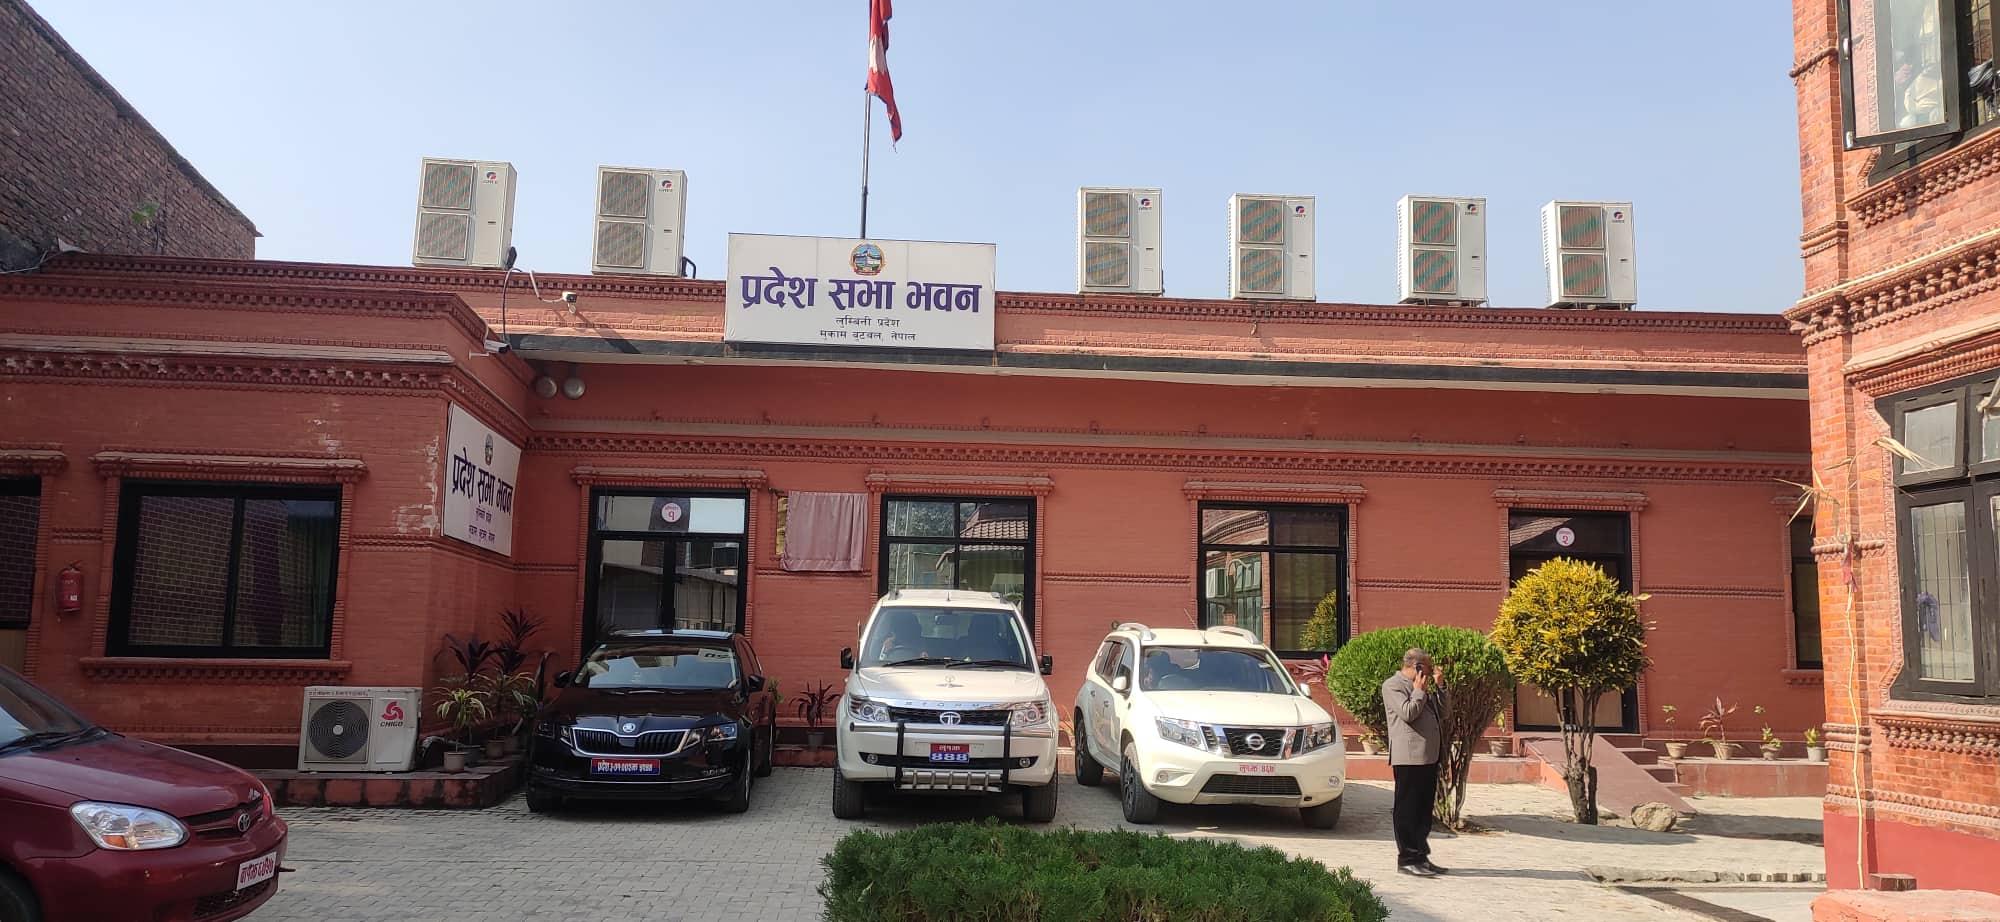 लुम्बिनीमा राष्ट्रियसभा उपनिर्वाचन जेठ १७ मा